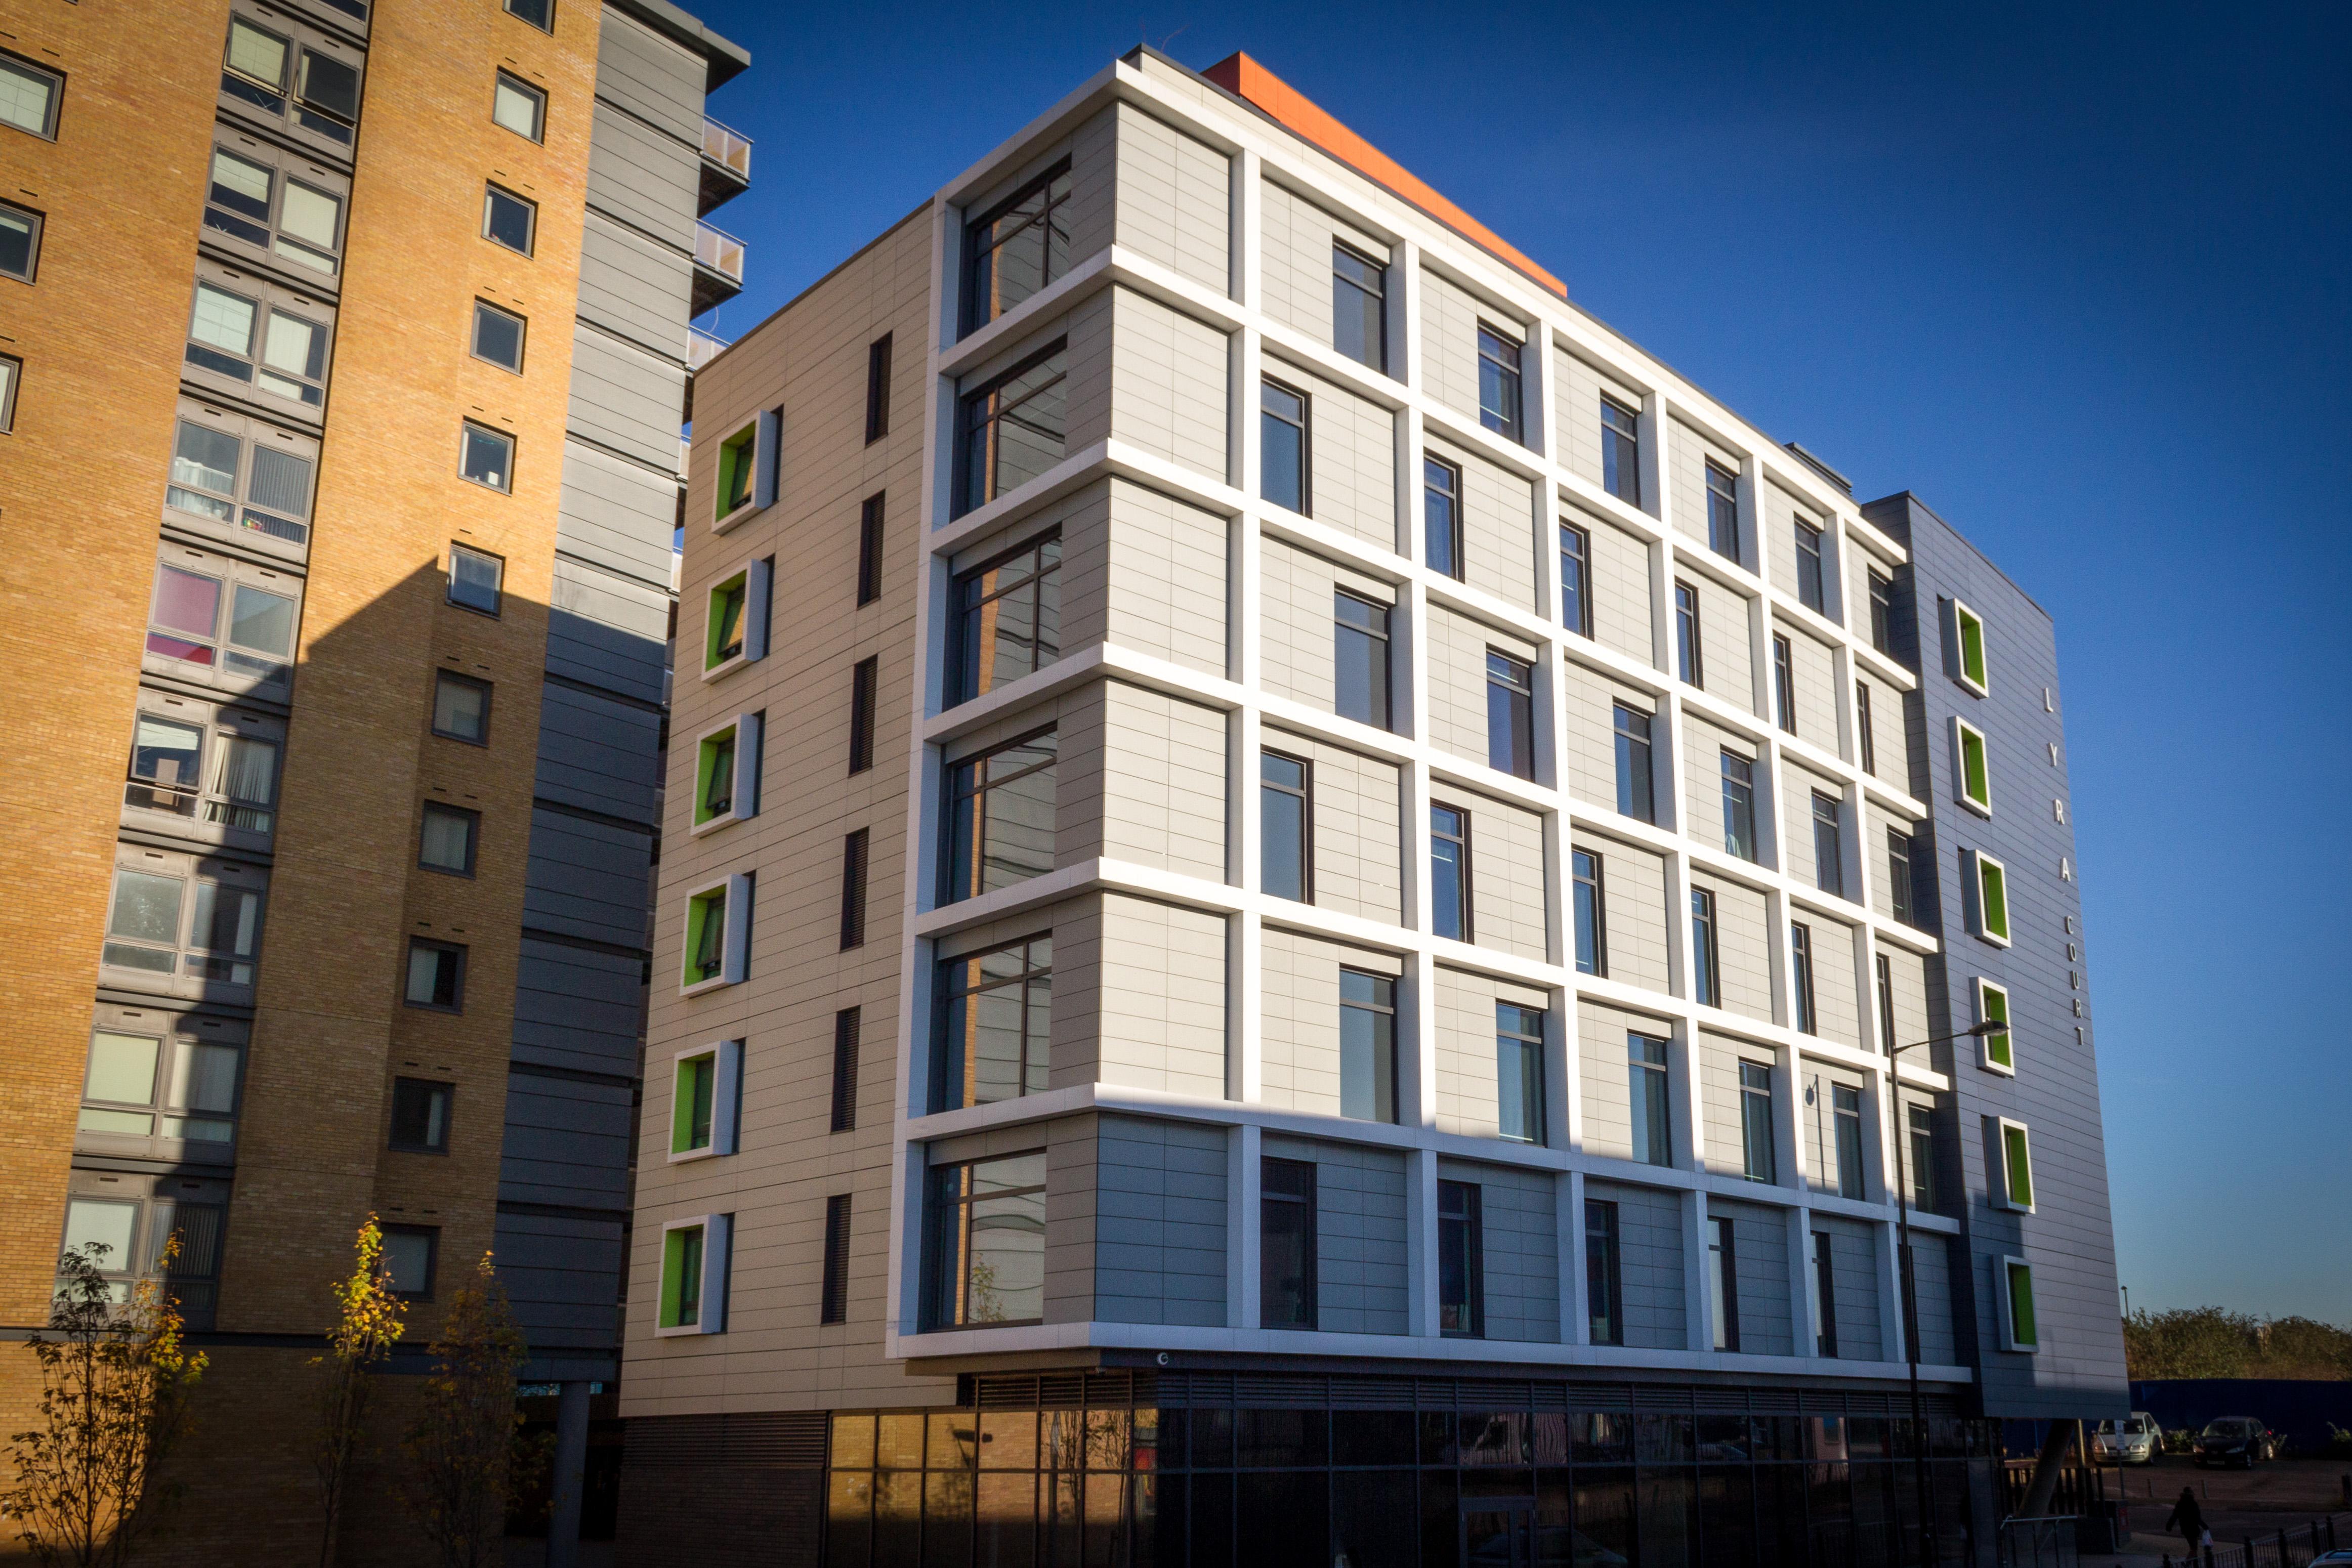 Flatt_Building Exteriors_exterior_rear